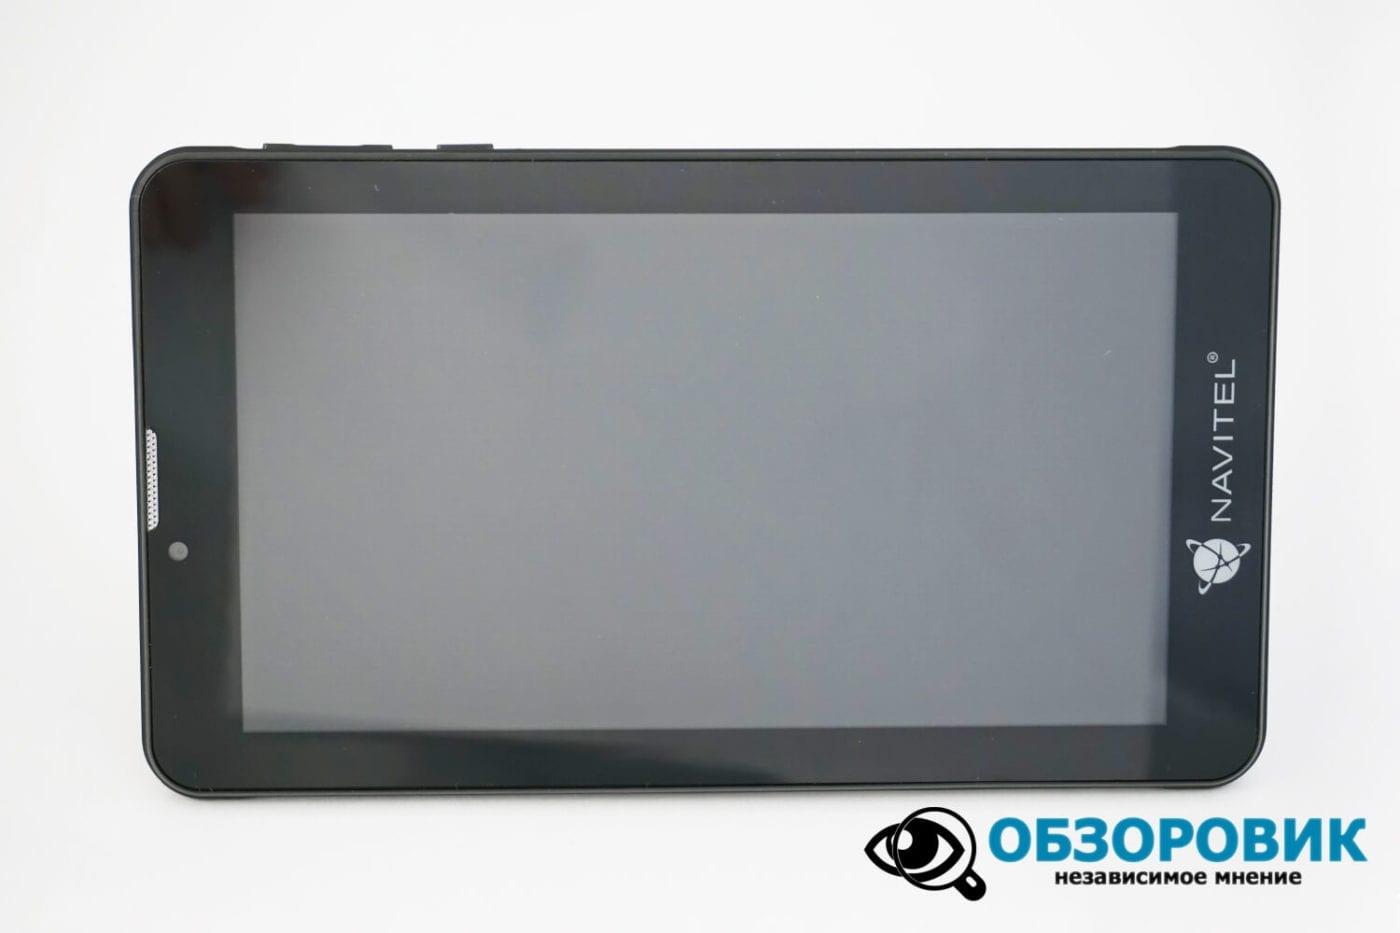 DSC03261 1500x1000